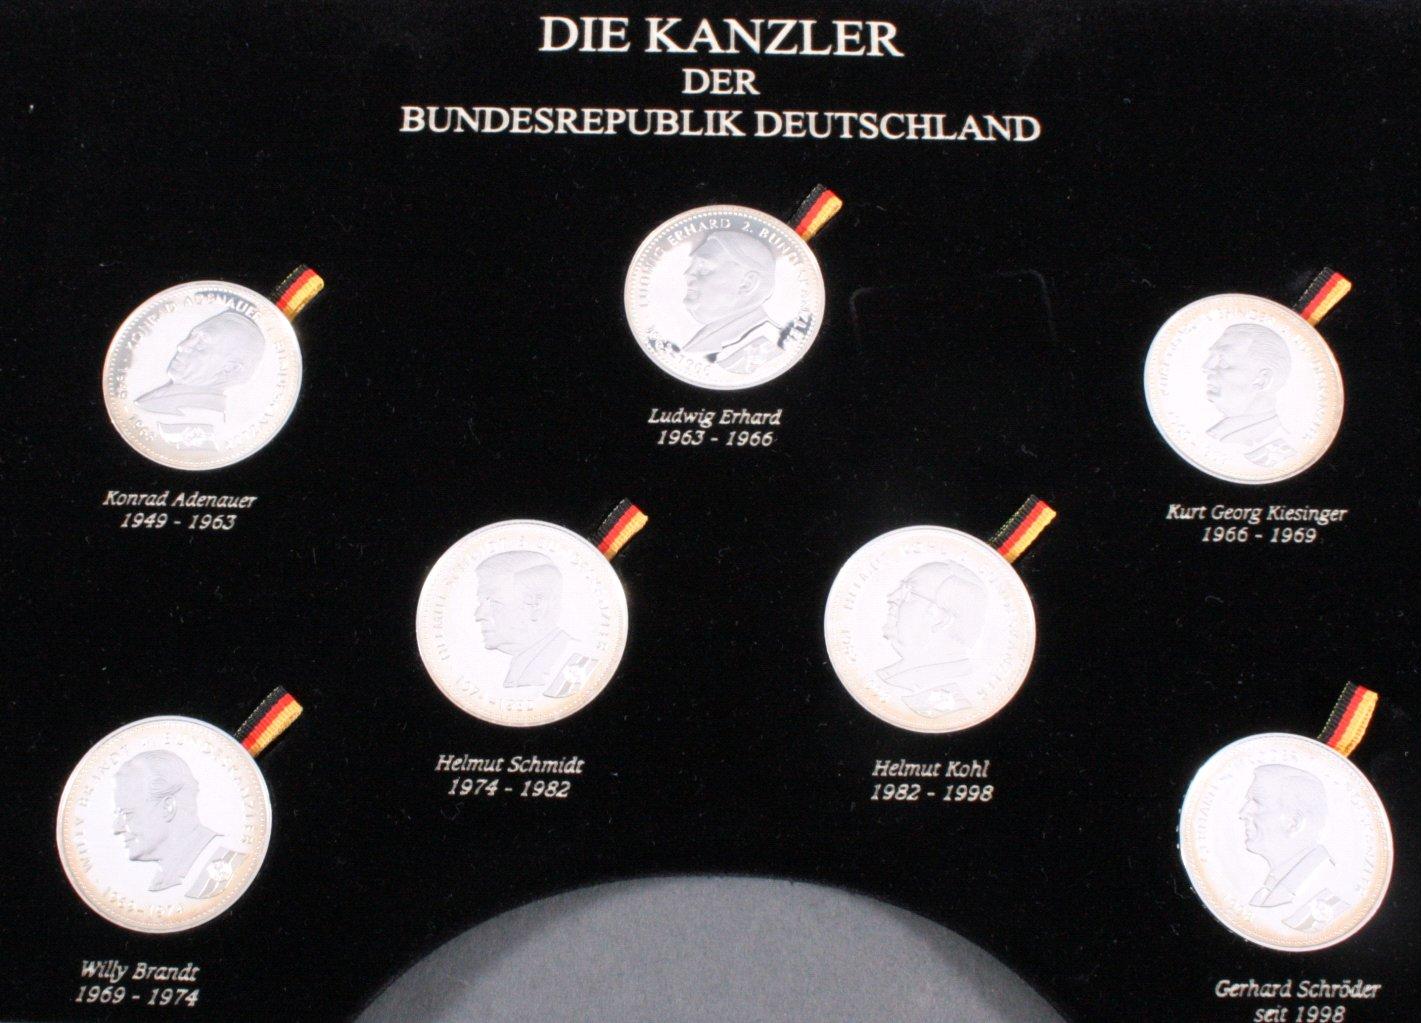 Die Präsidenten und Kanzler der Bundesrepublik Deutschland-2